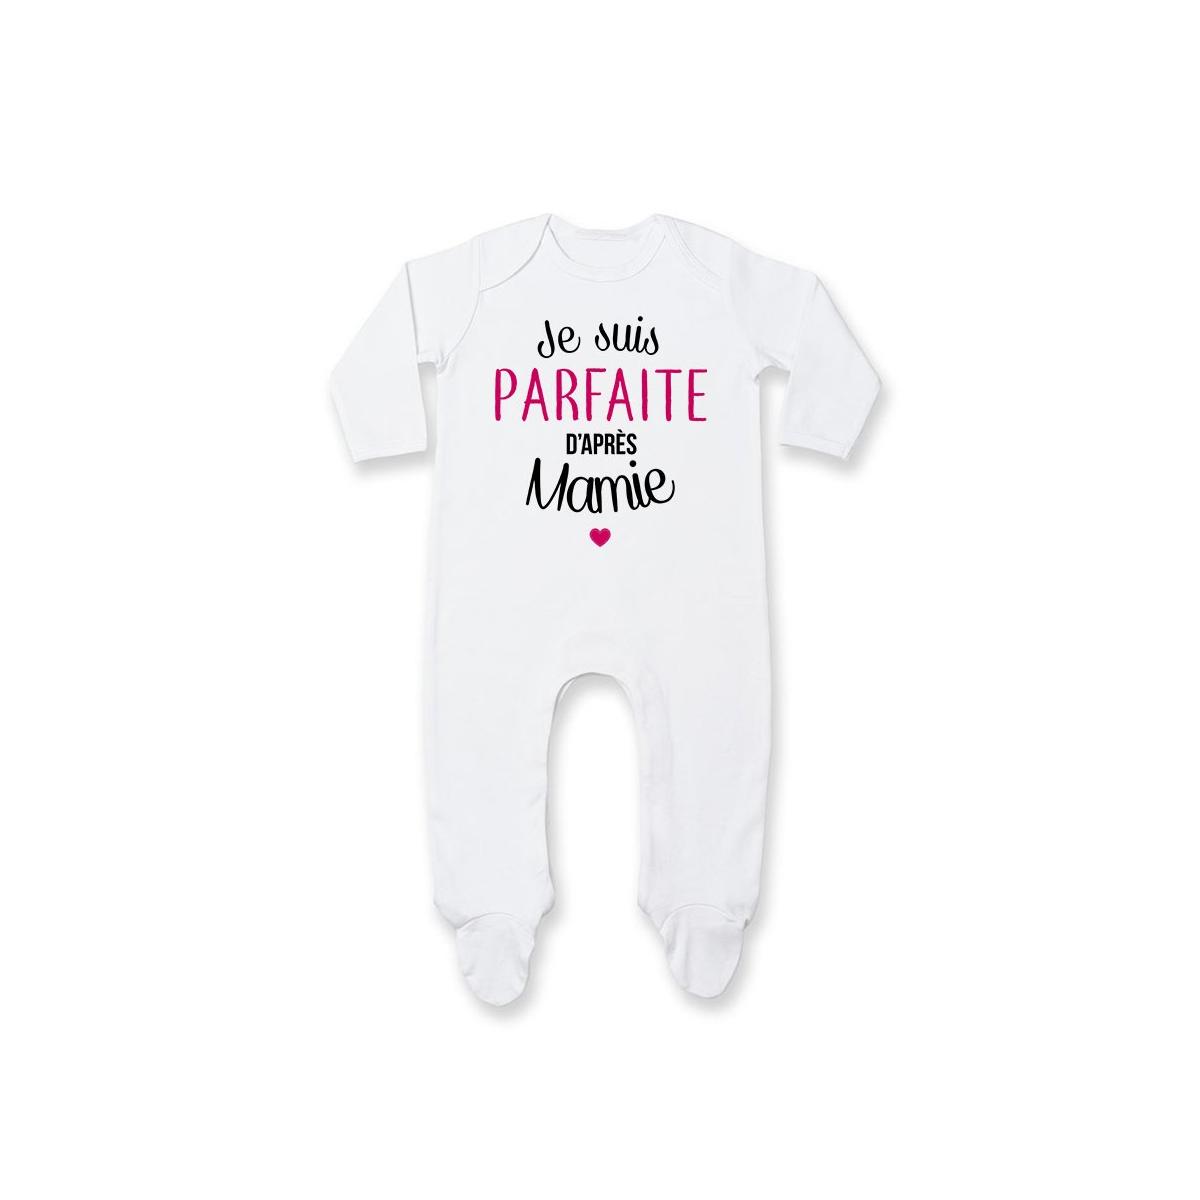 Pyjama bébé Je suis parfaite d'après mamie